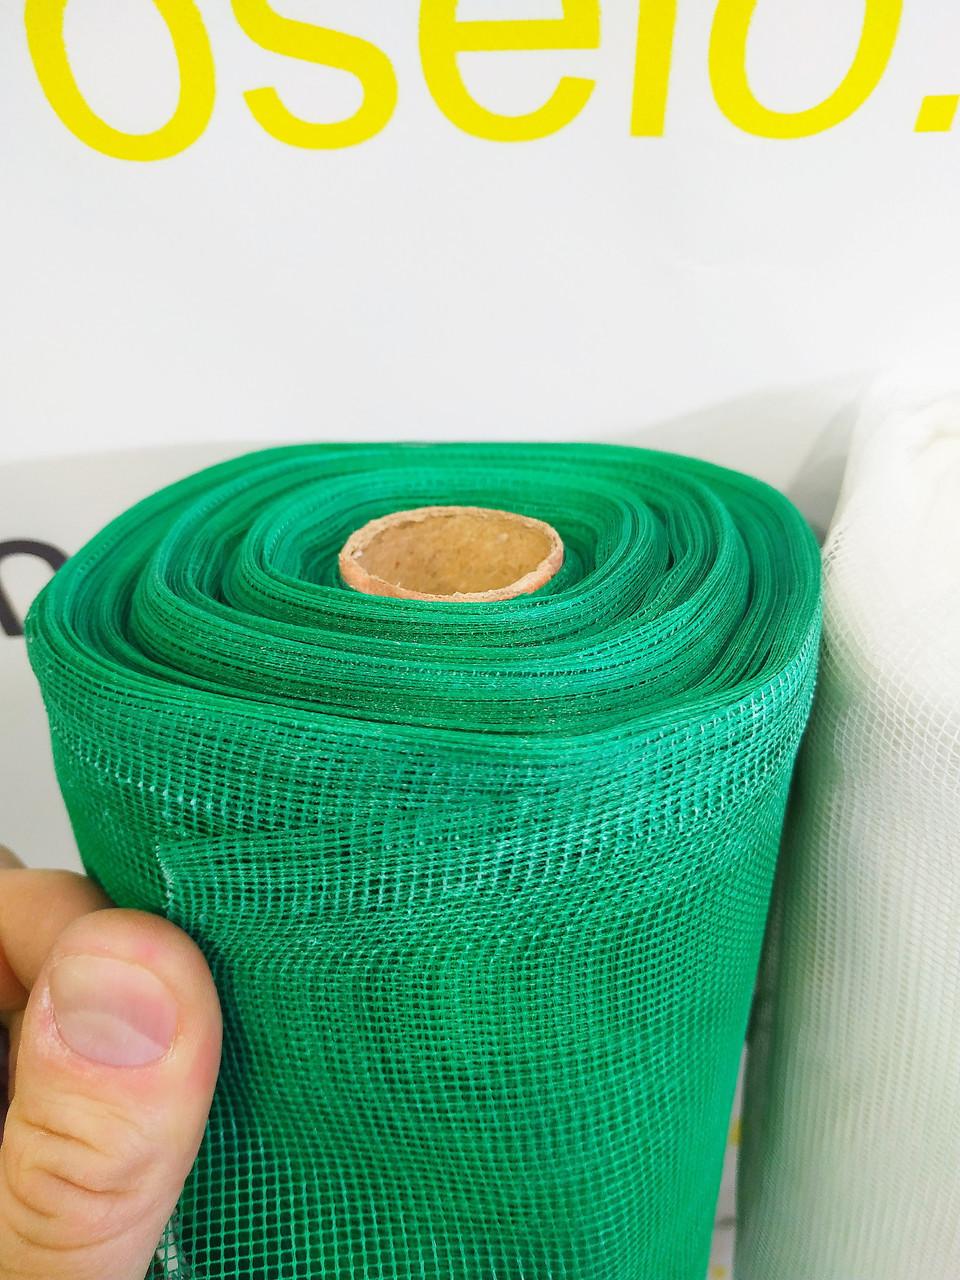 """Москитная сетка в рулоне """"Panda"""" 1.5 х 50м (75 м2). Нейлон. Белая, зеленая, синяя"""